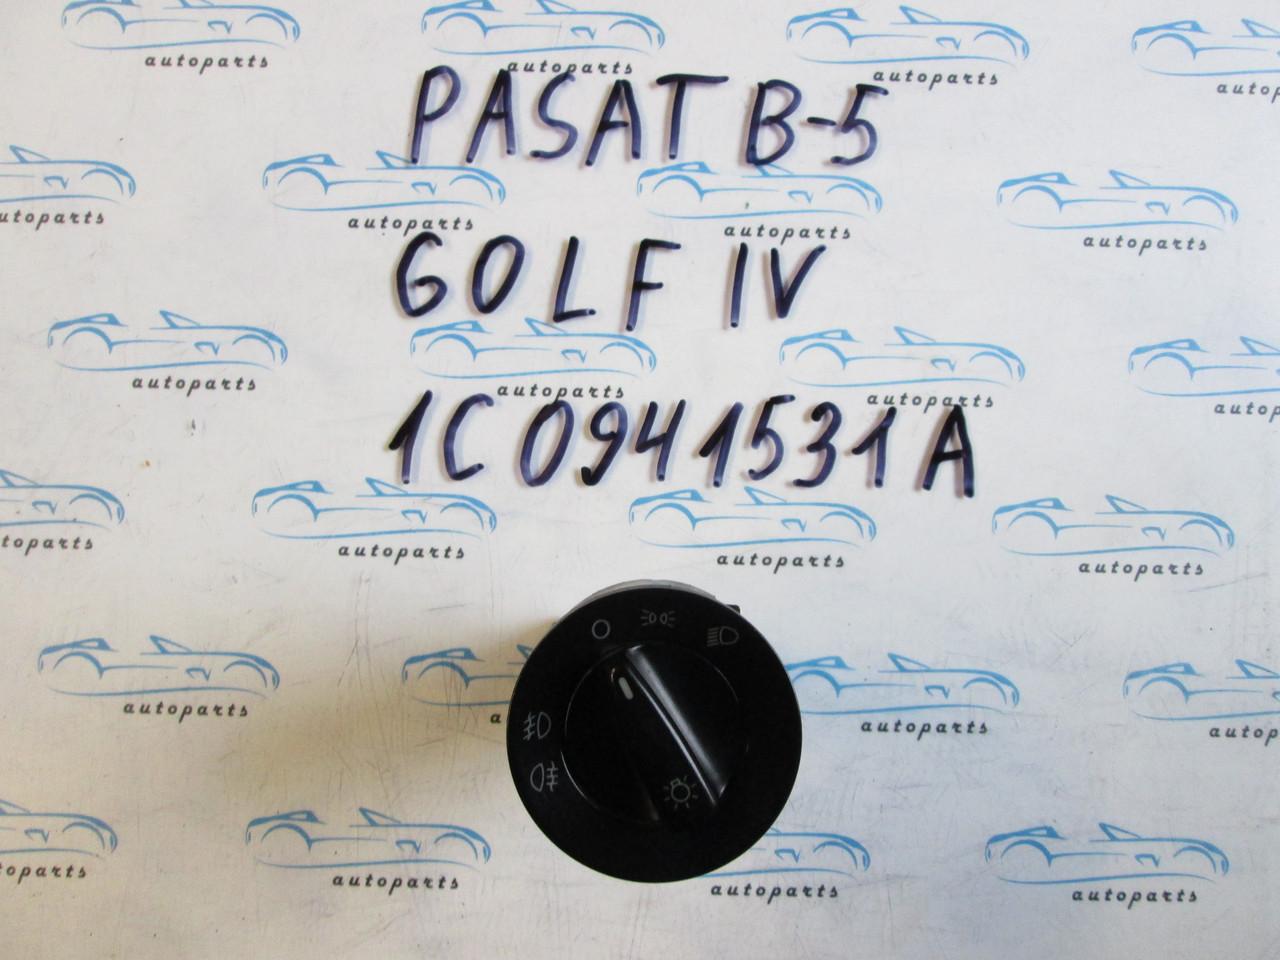 Перемикач світла Passat B5, Golf 4 1C0941531A